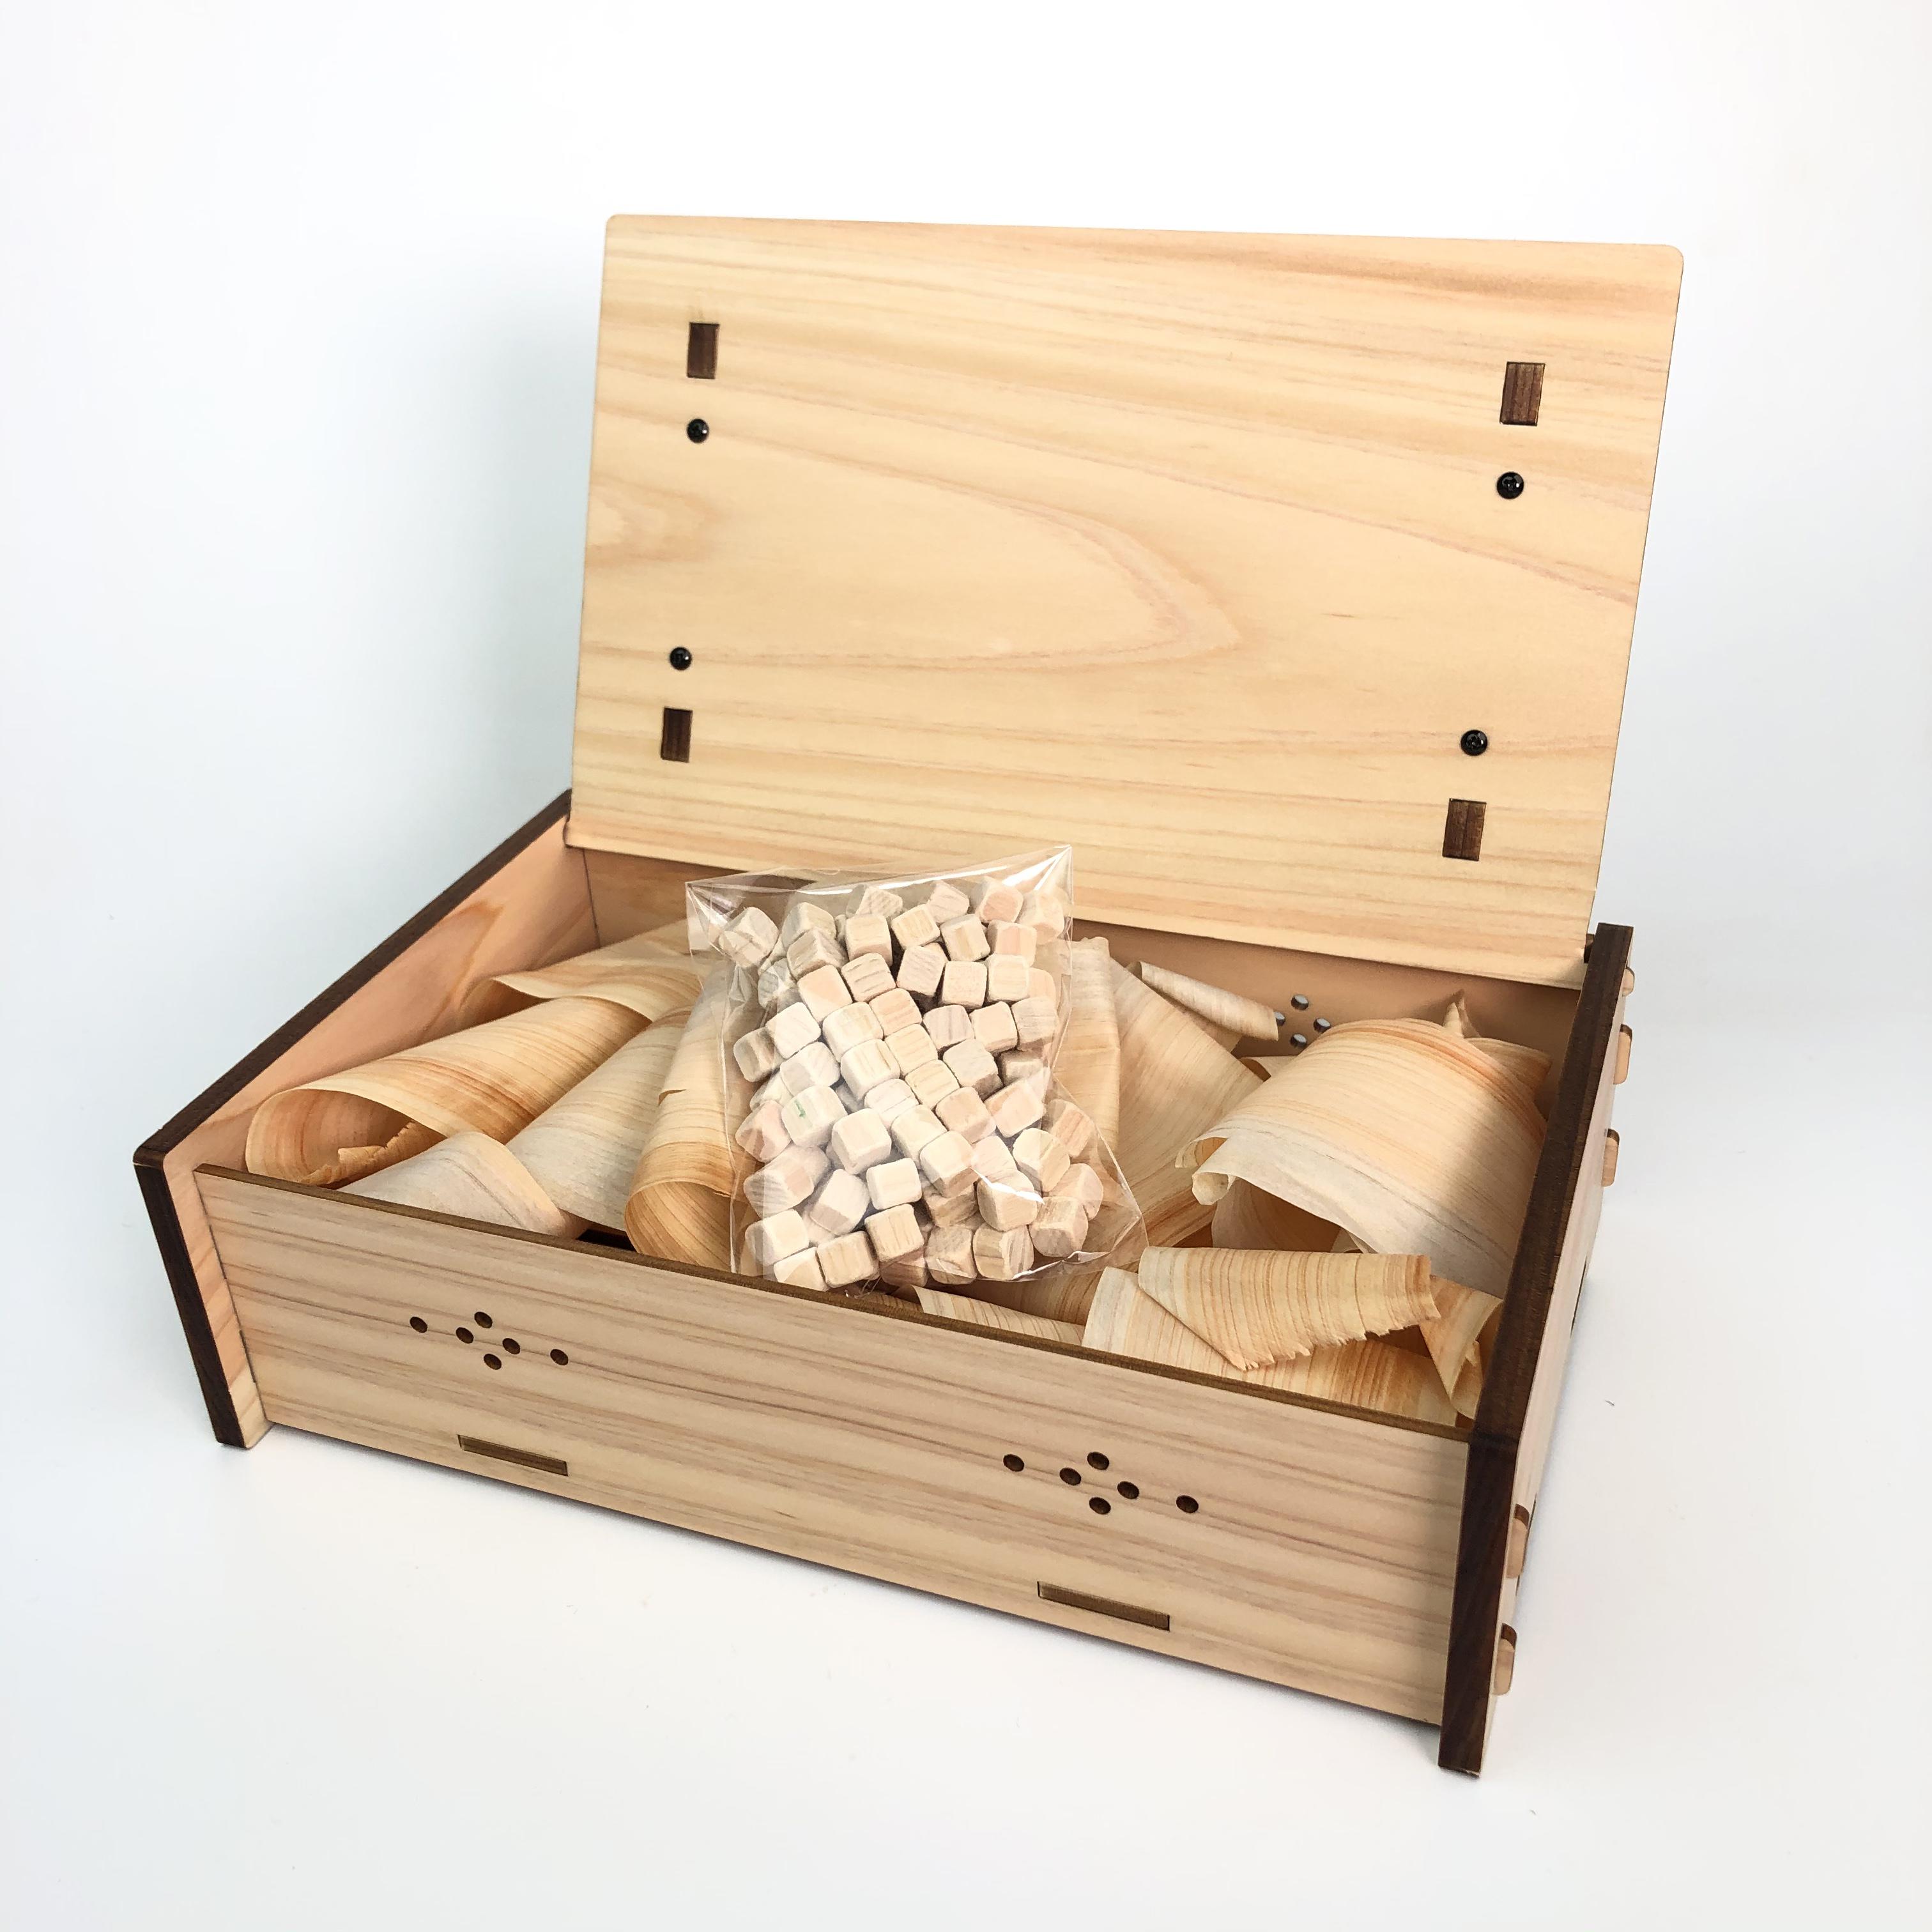 《檜原産 檜使用》ヒノキのマスククローゼット (ヒノキの小粒付き)